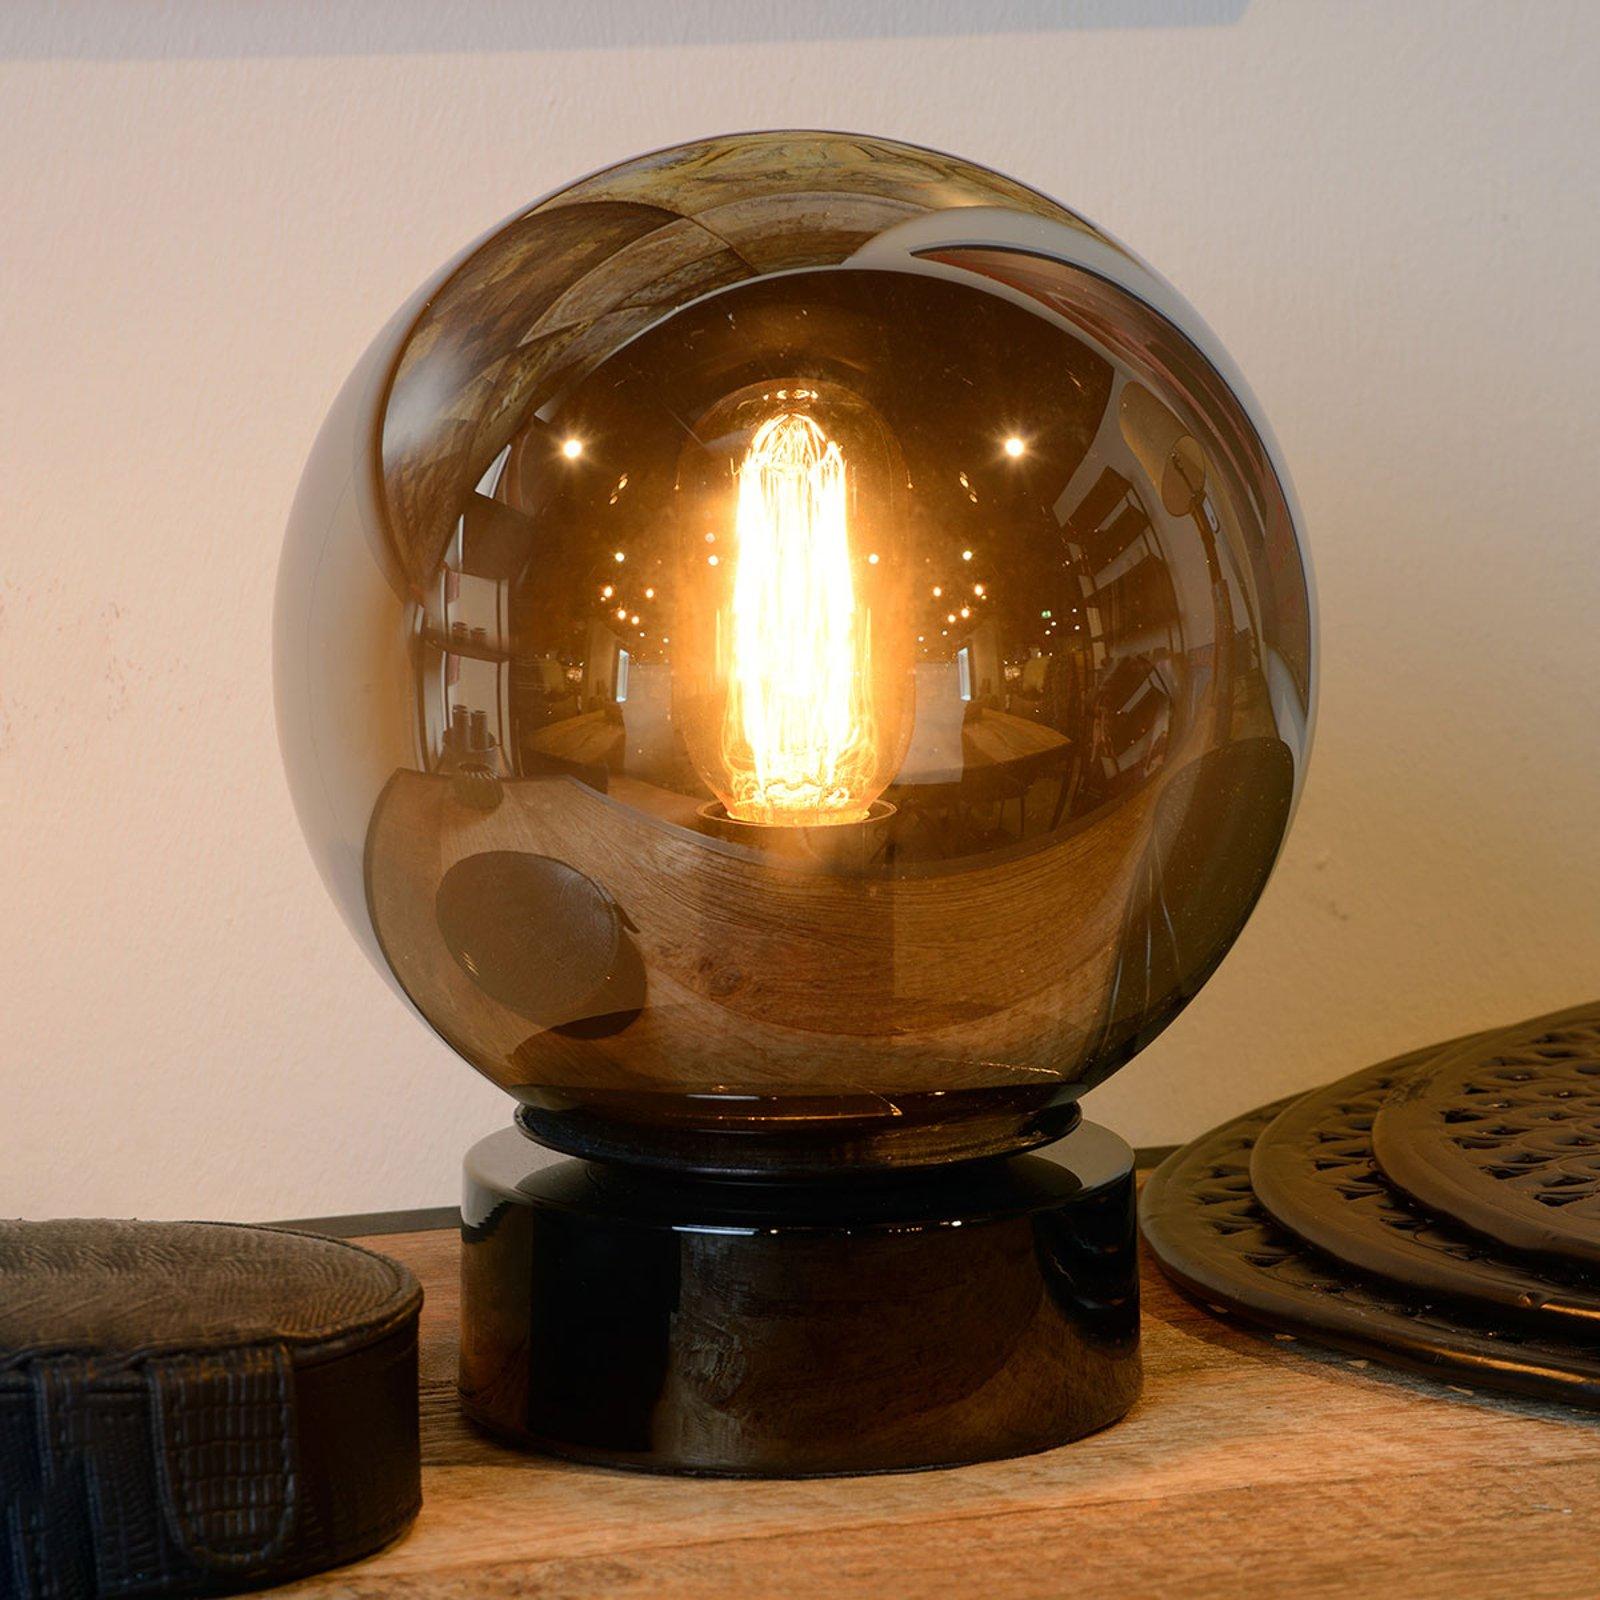 Jorit - glassbordlampe med kuleskjerm 20 cm